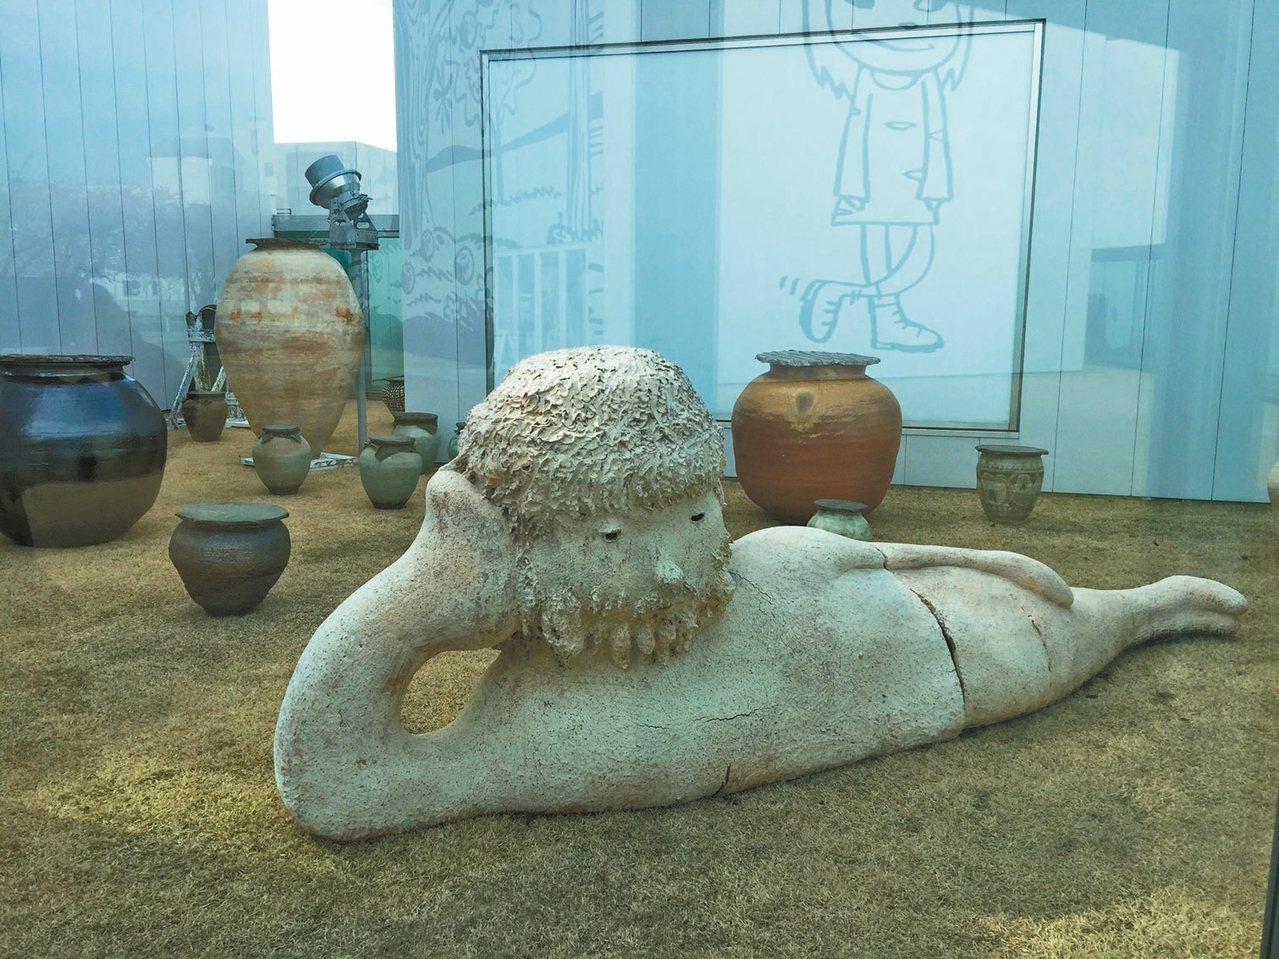 村上隆少見的陶藝作品,仍有童趣。 記者錢欽青/攝影